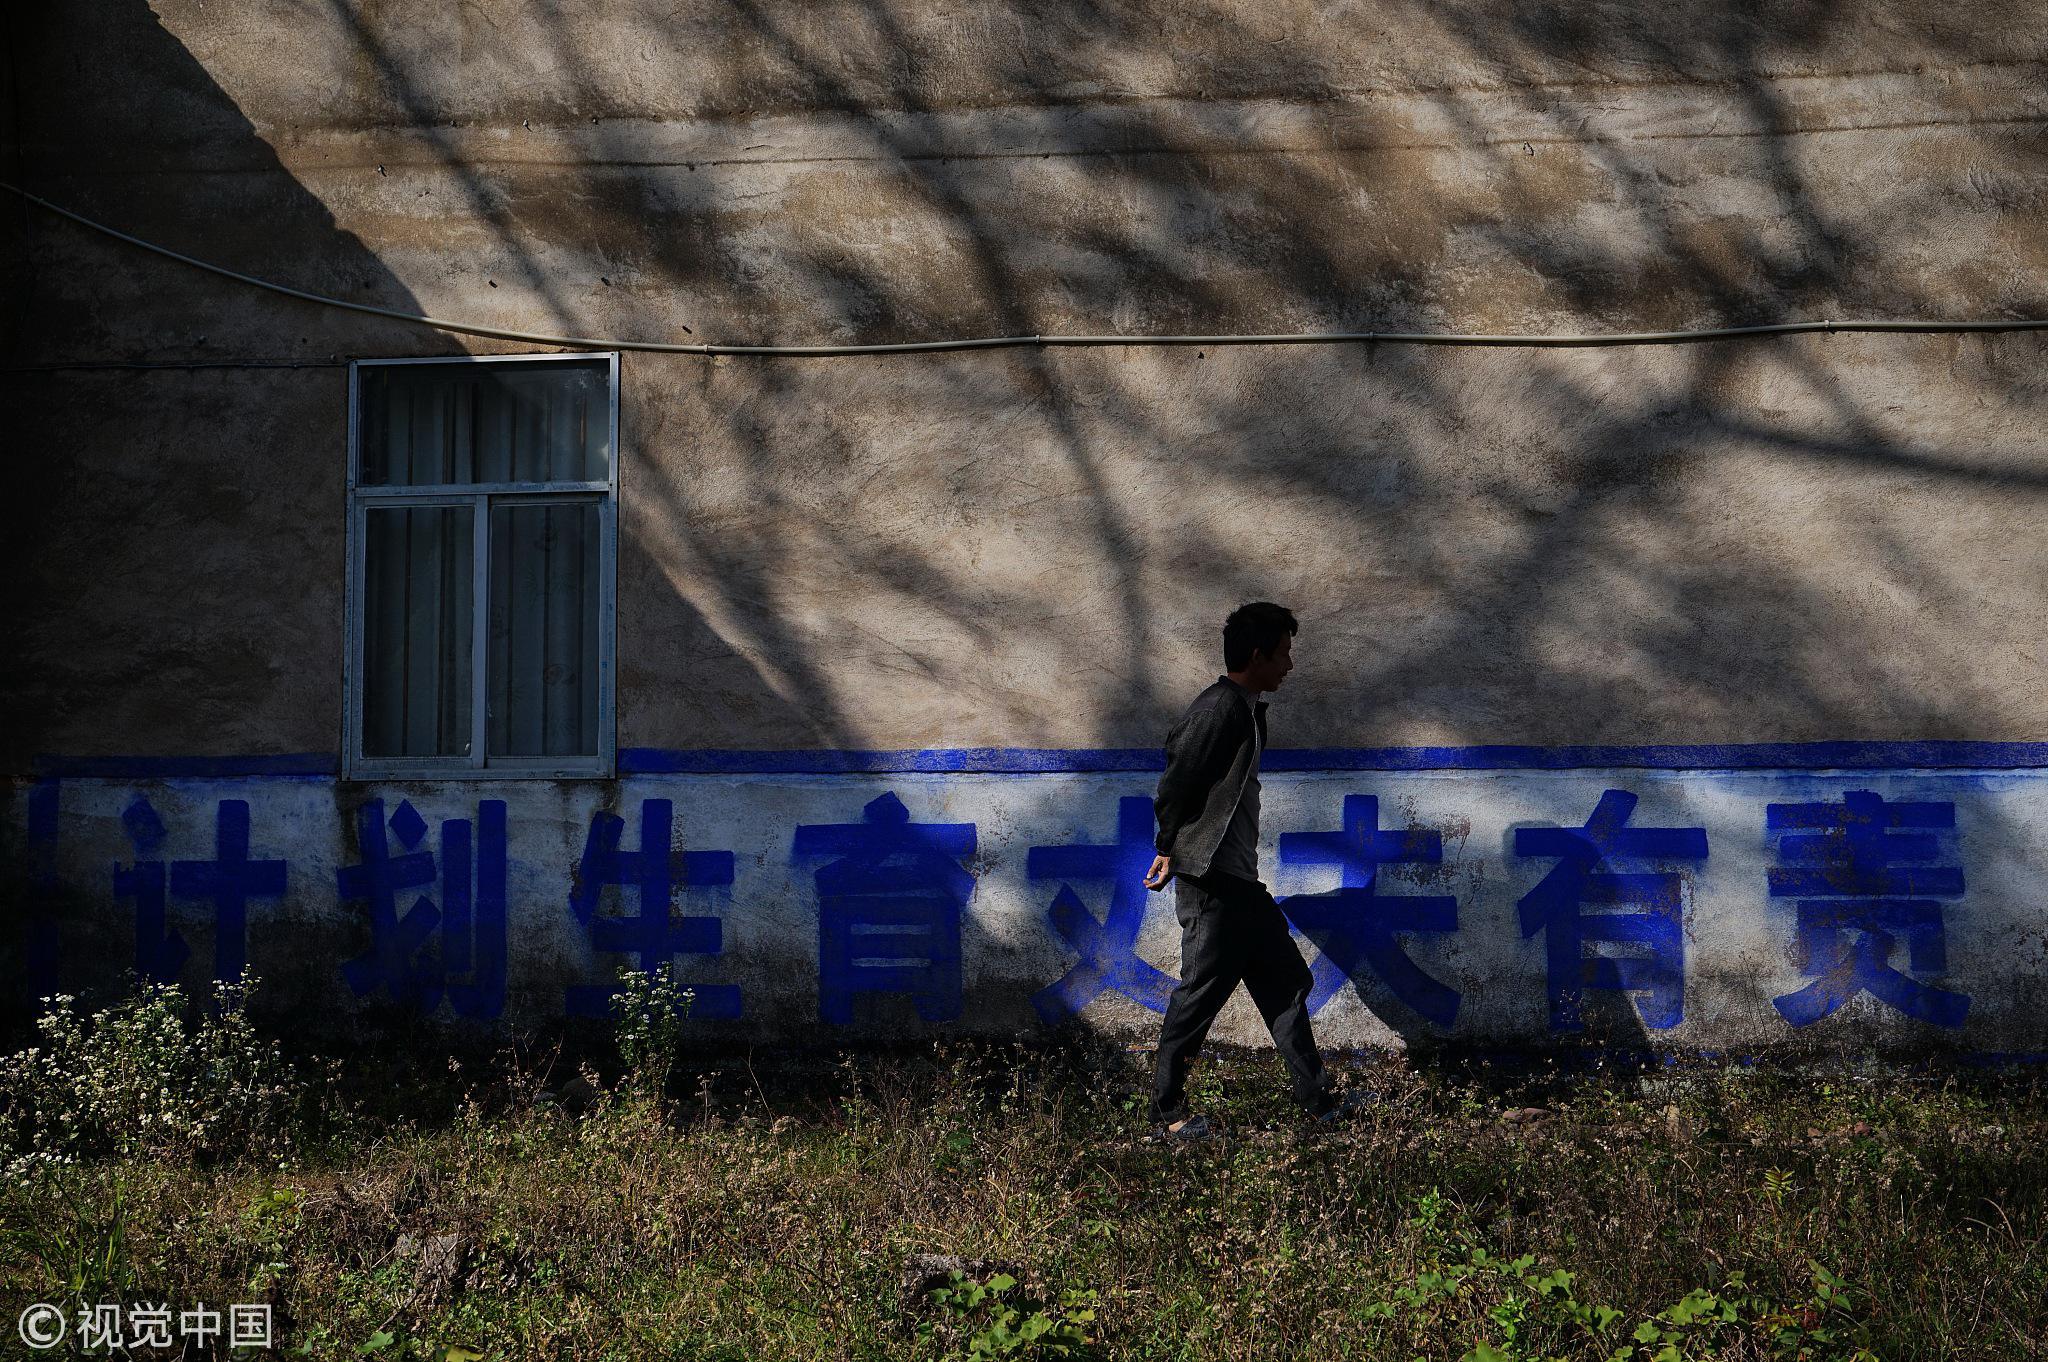 2018-06-22,广西桂林至今还保留着60年代各种计生标语/视觉中国